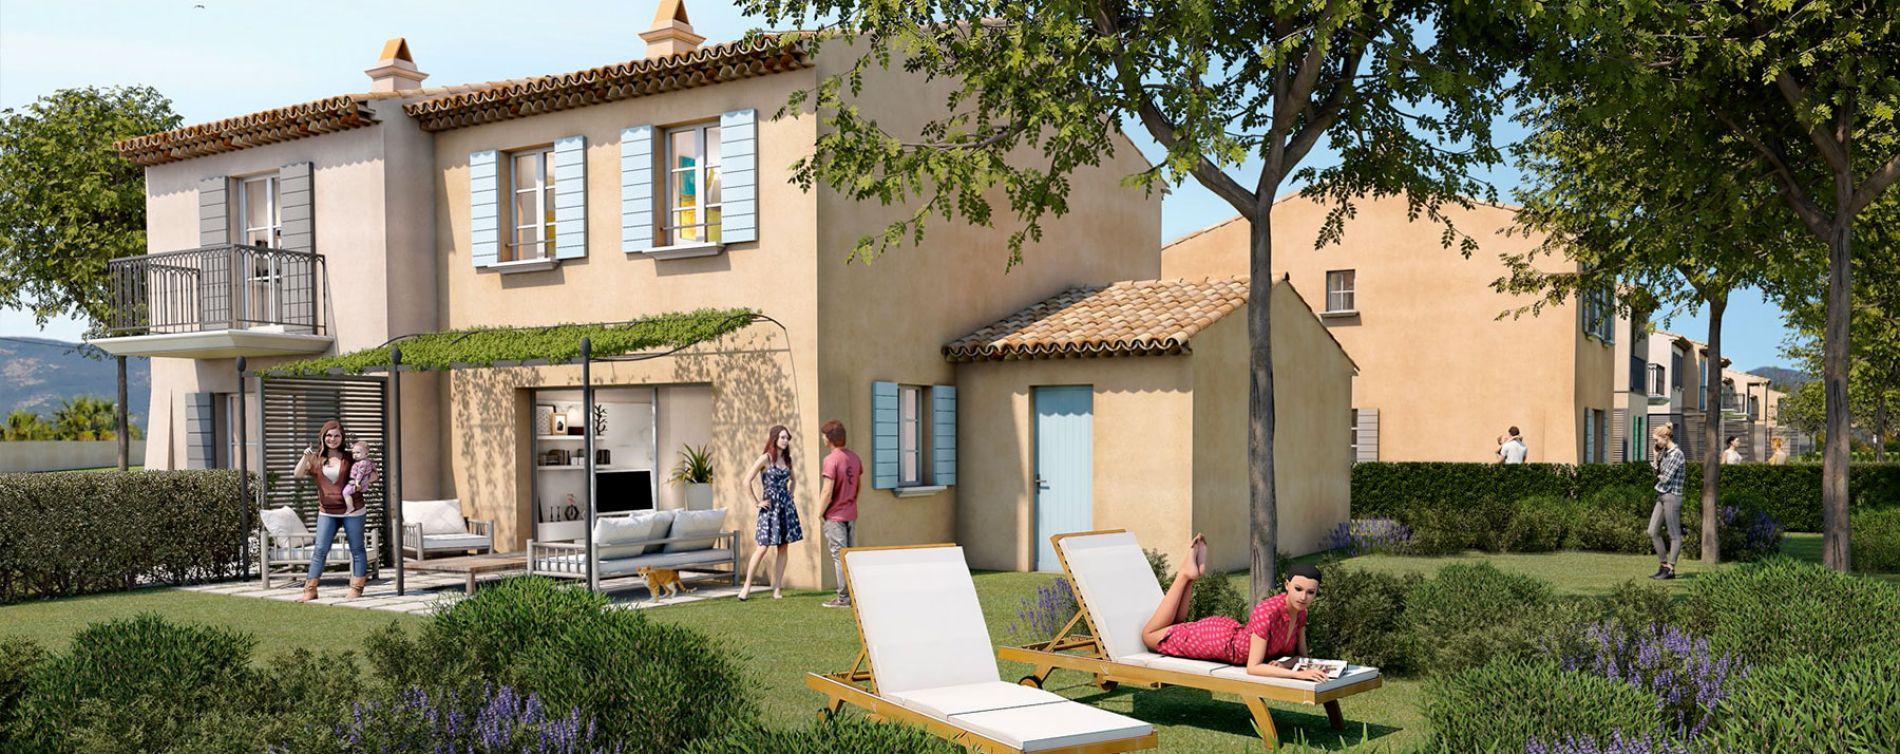 Grimaud : programme immobilier neuve « Domaine des Fées » (2)